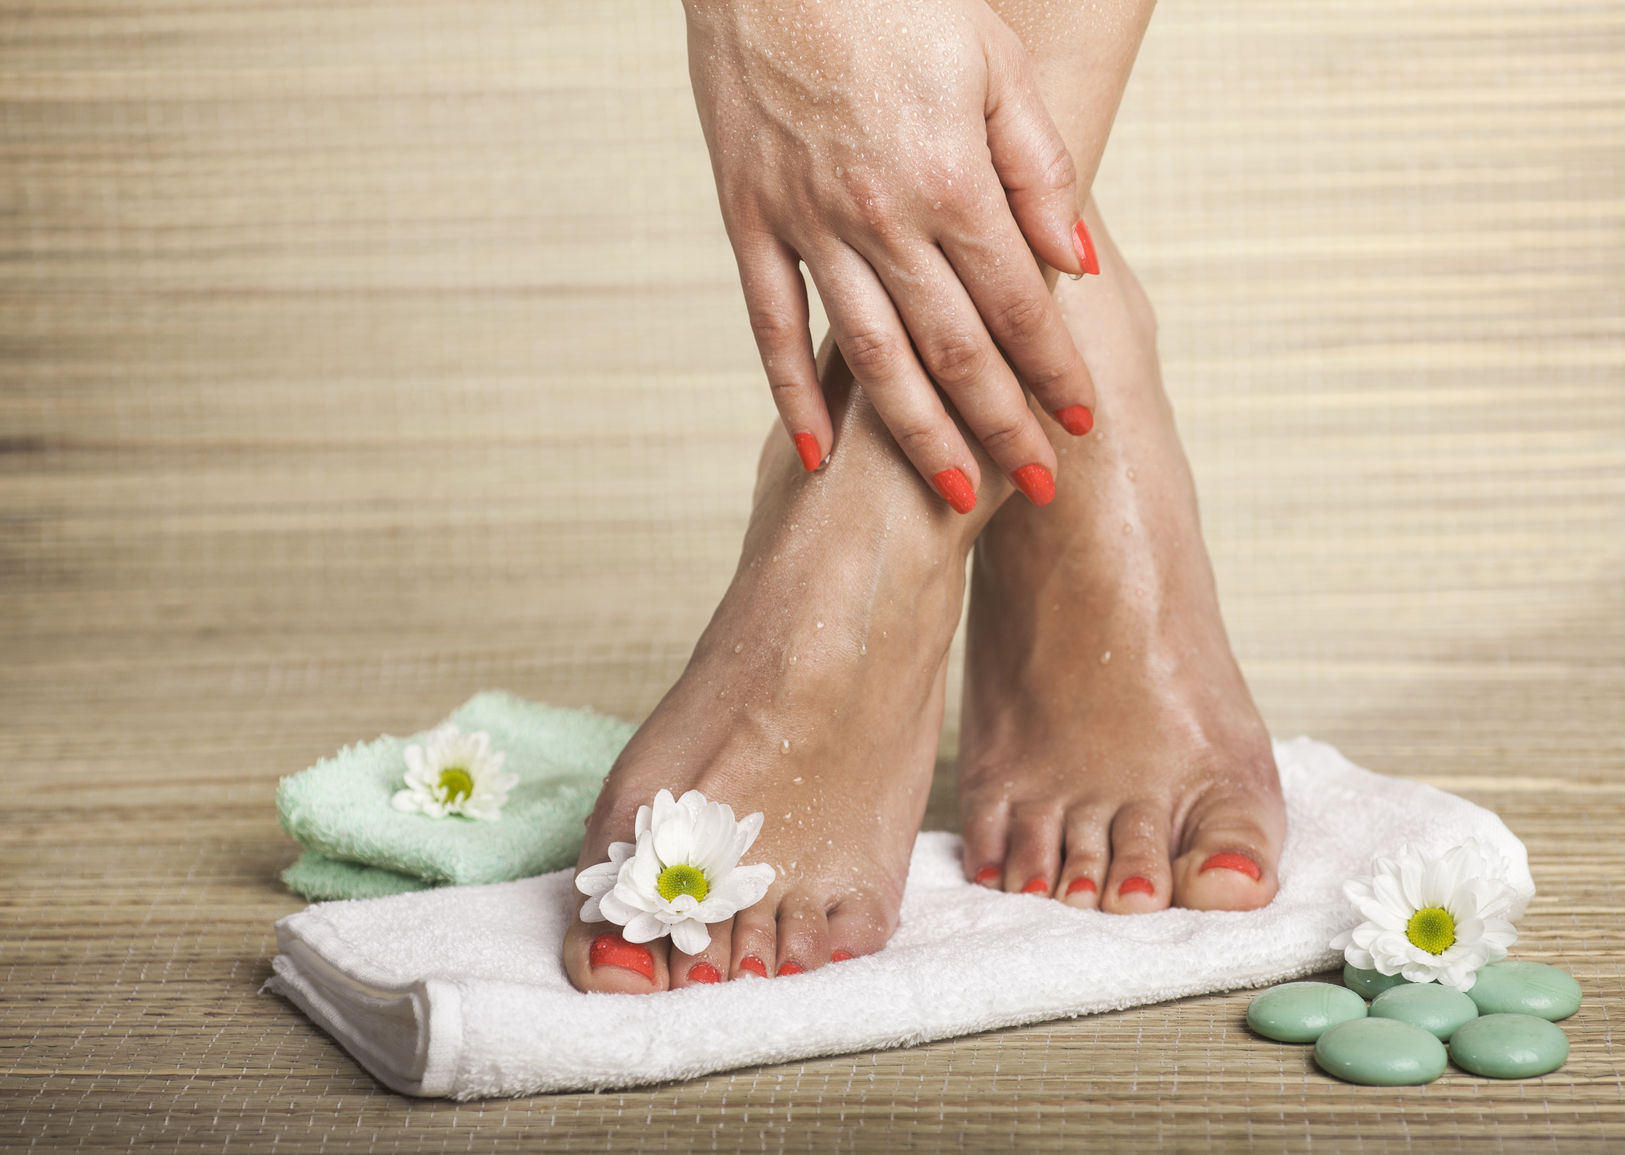 tratament de luxație articulară mare a degetului mare dureri musculare articulare